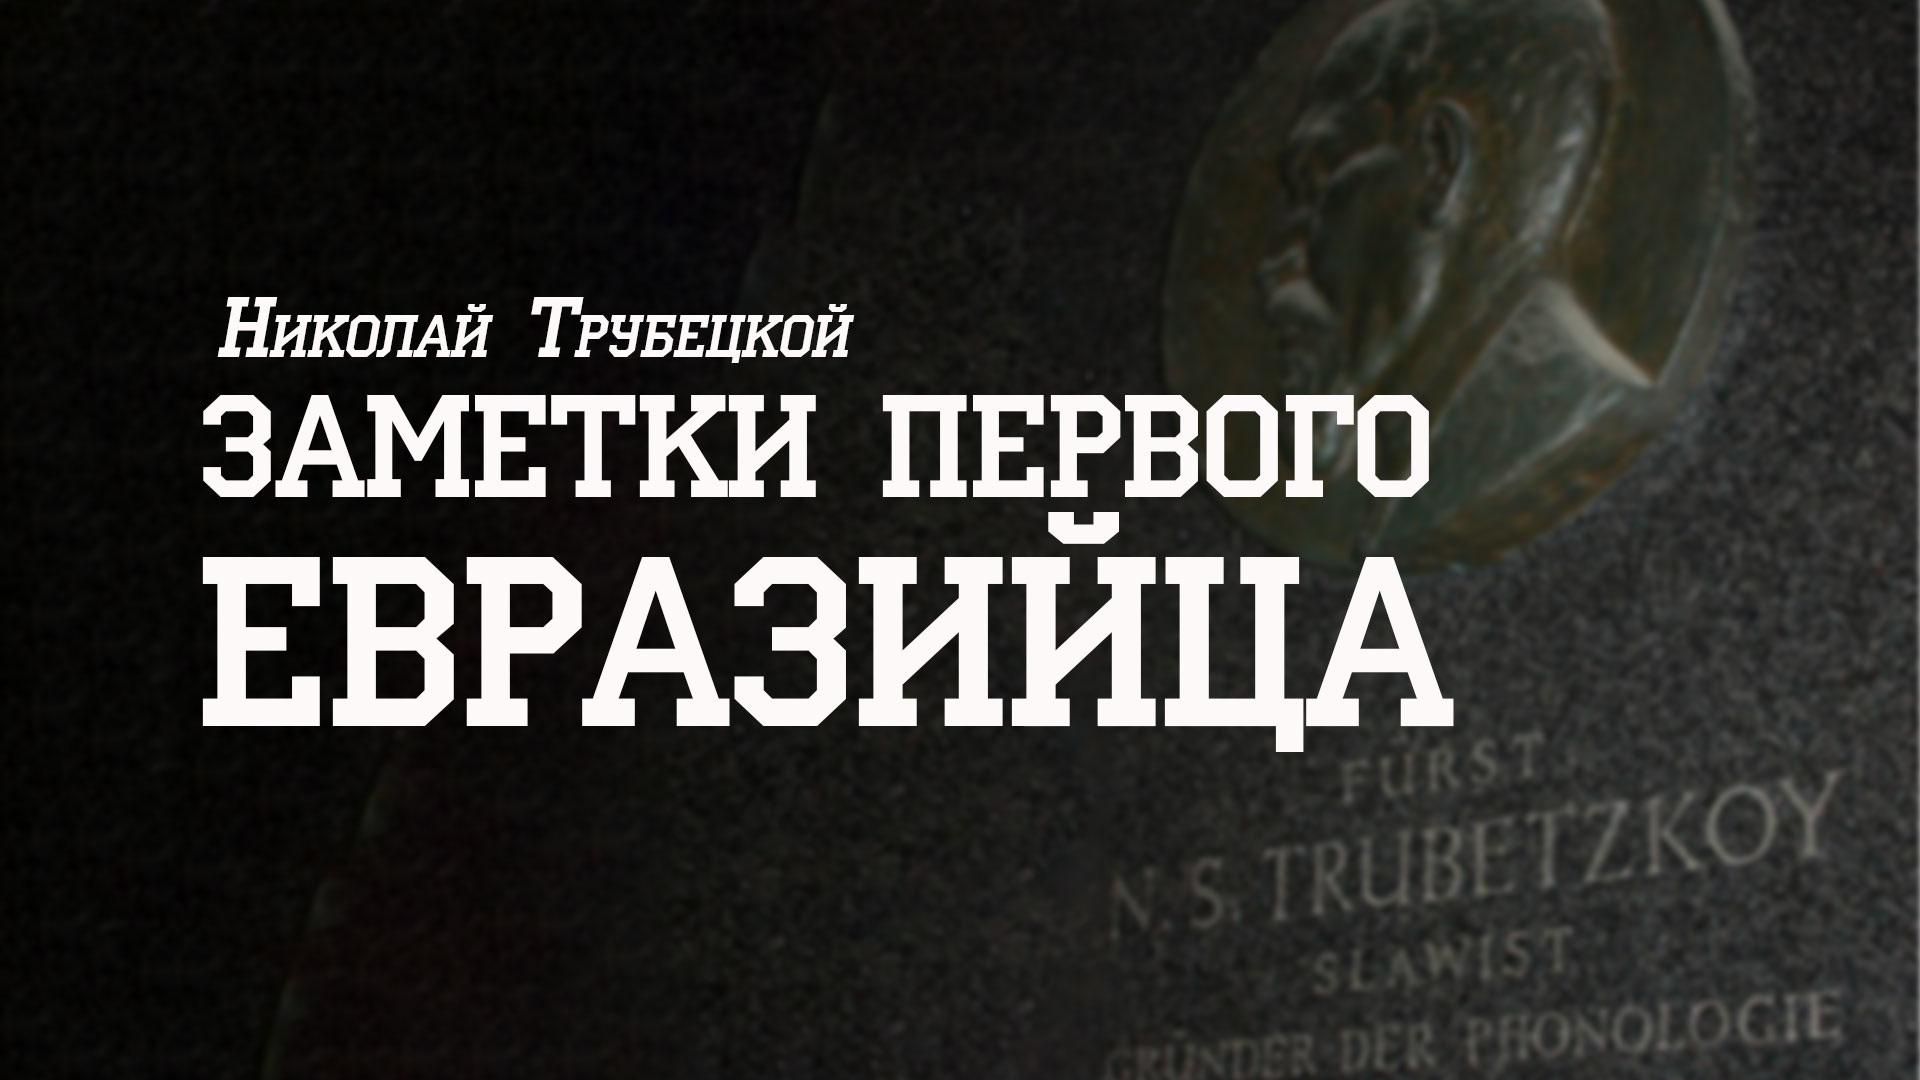 Заметки первого евразийца. Николай Трубецкой